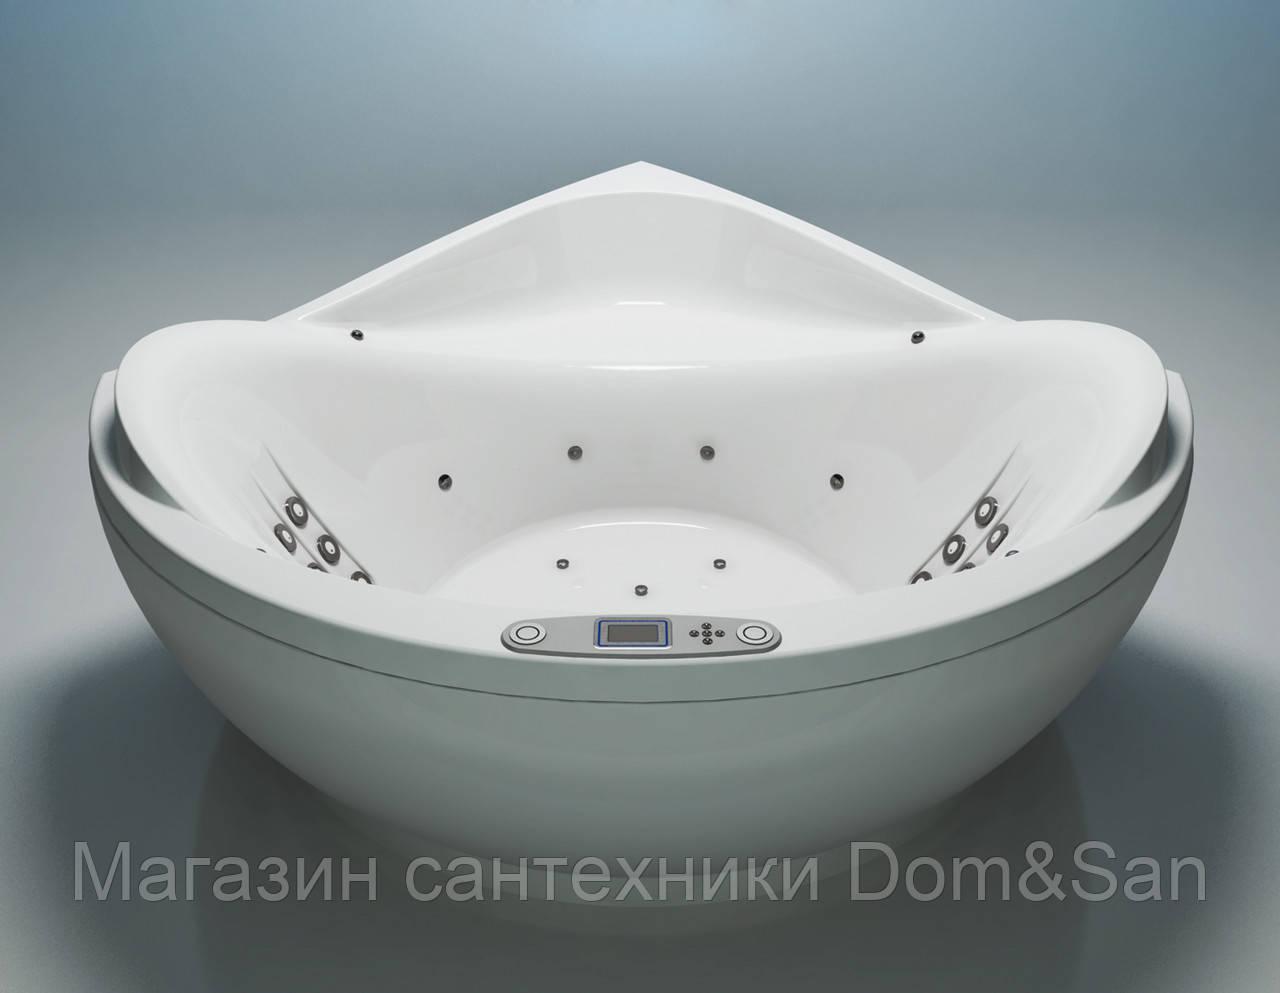 Гидромассажная ванна WGT Illusion 1720х1720 мм комплектация Easy+Hydro